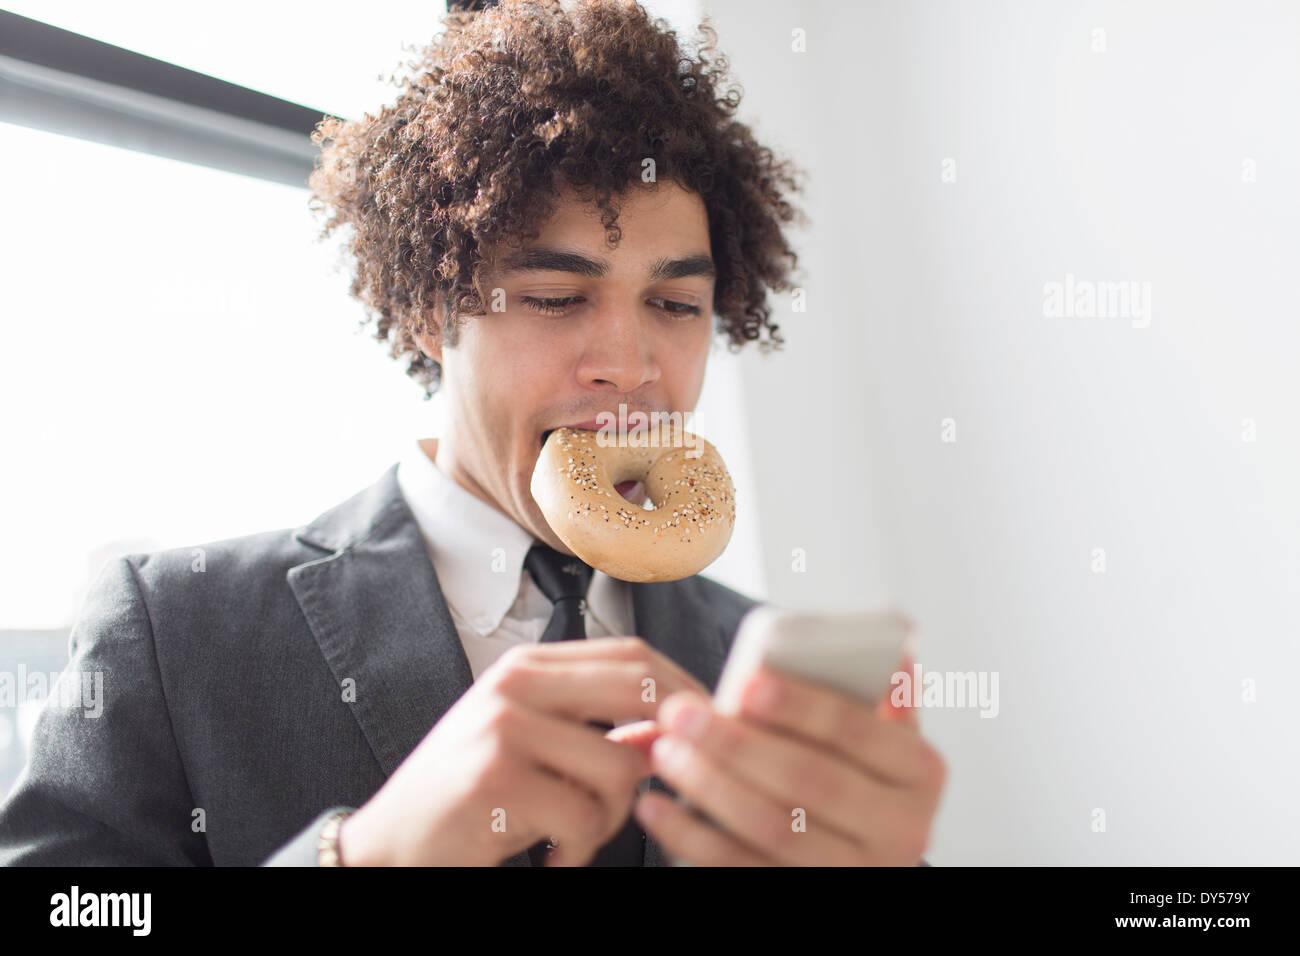 Joven con teléfono celular con bagel en boca Imagen De Stock